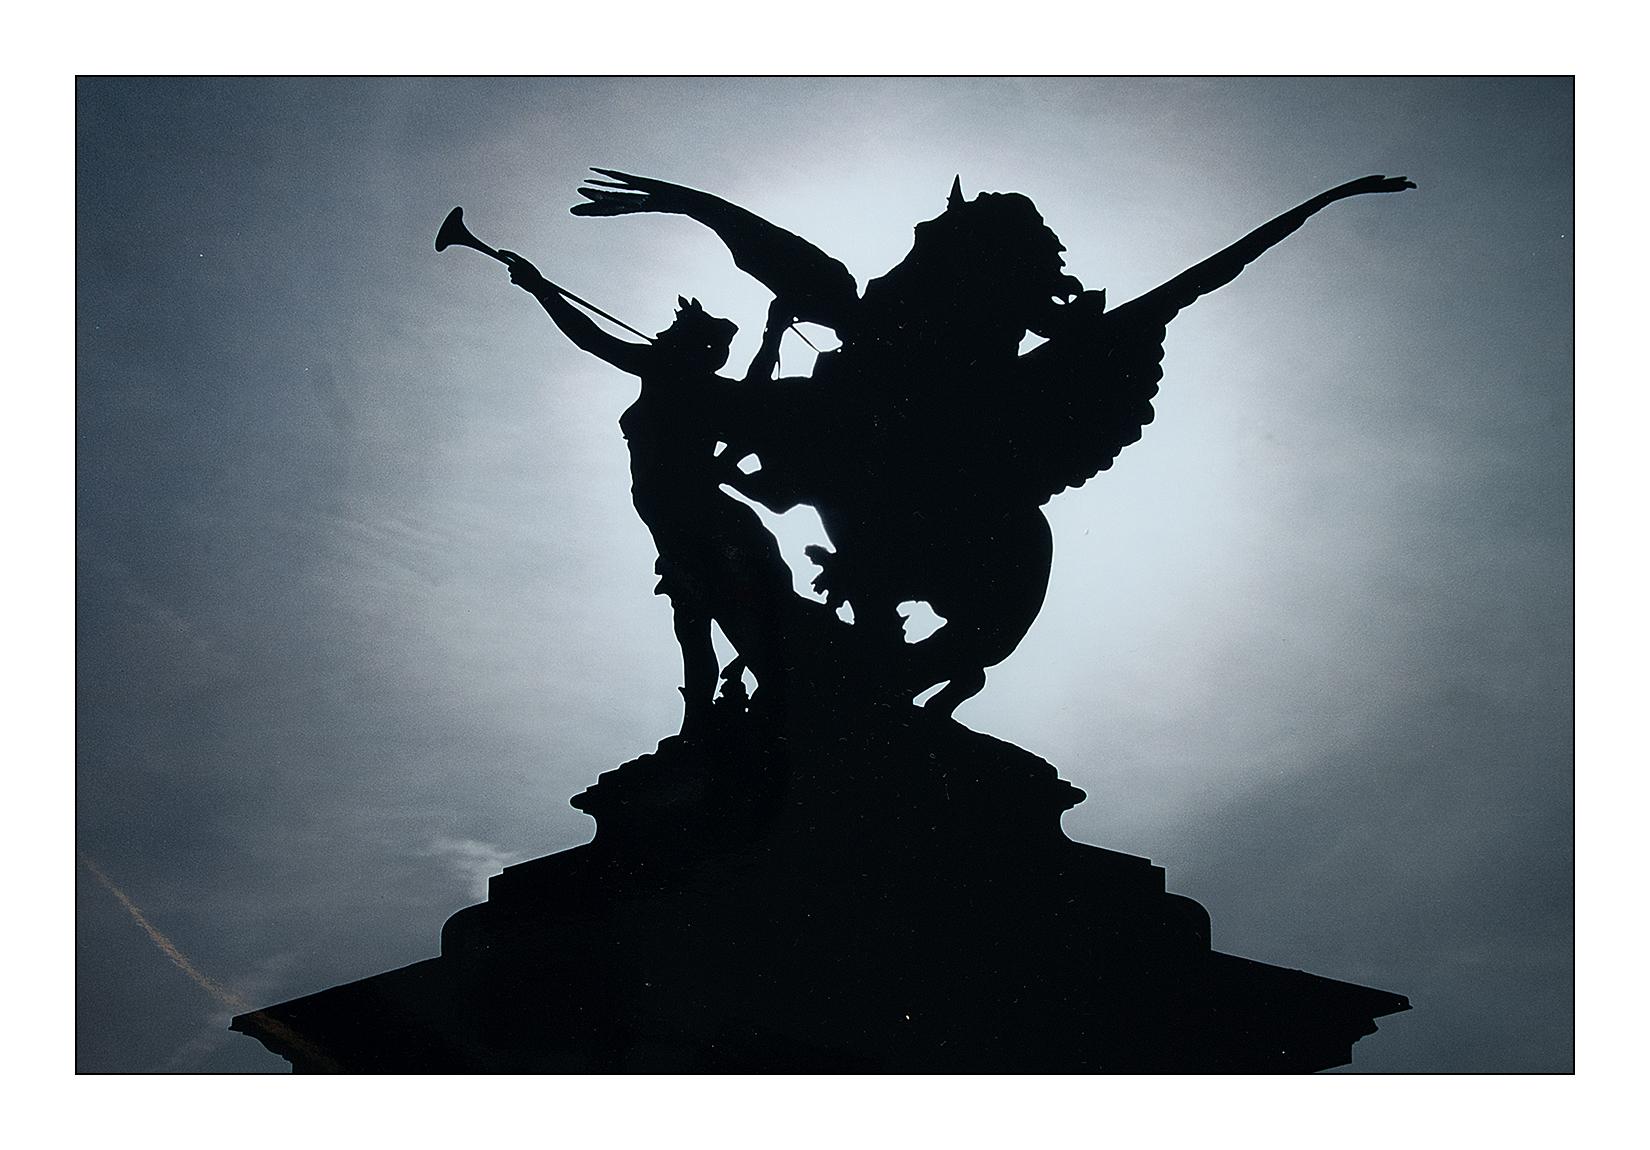 ange-statue-pont-alexandreIII-paris-contrejour